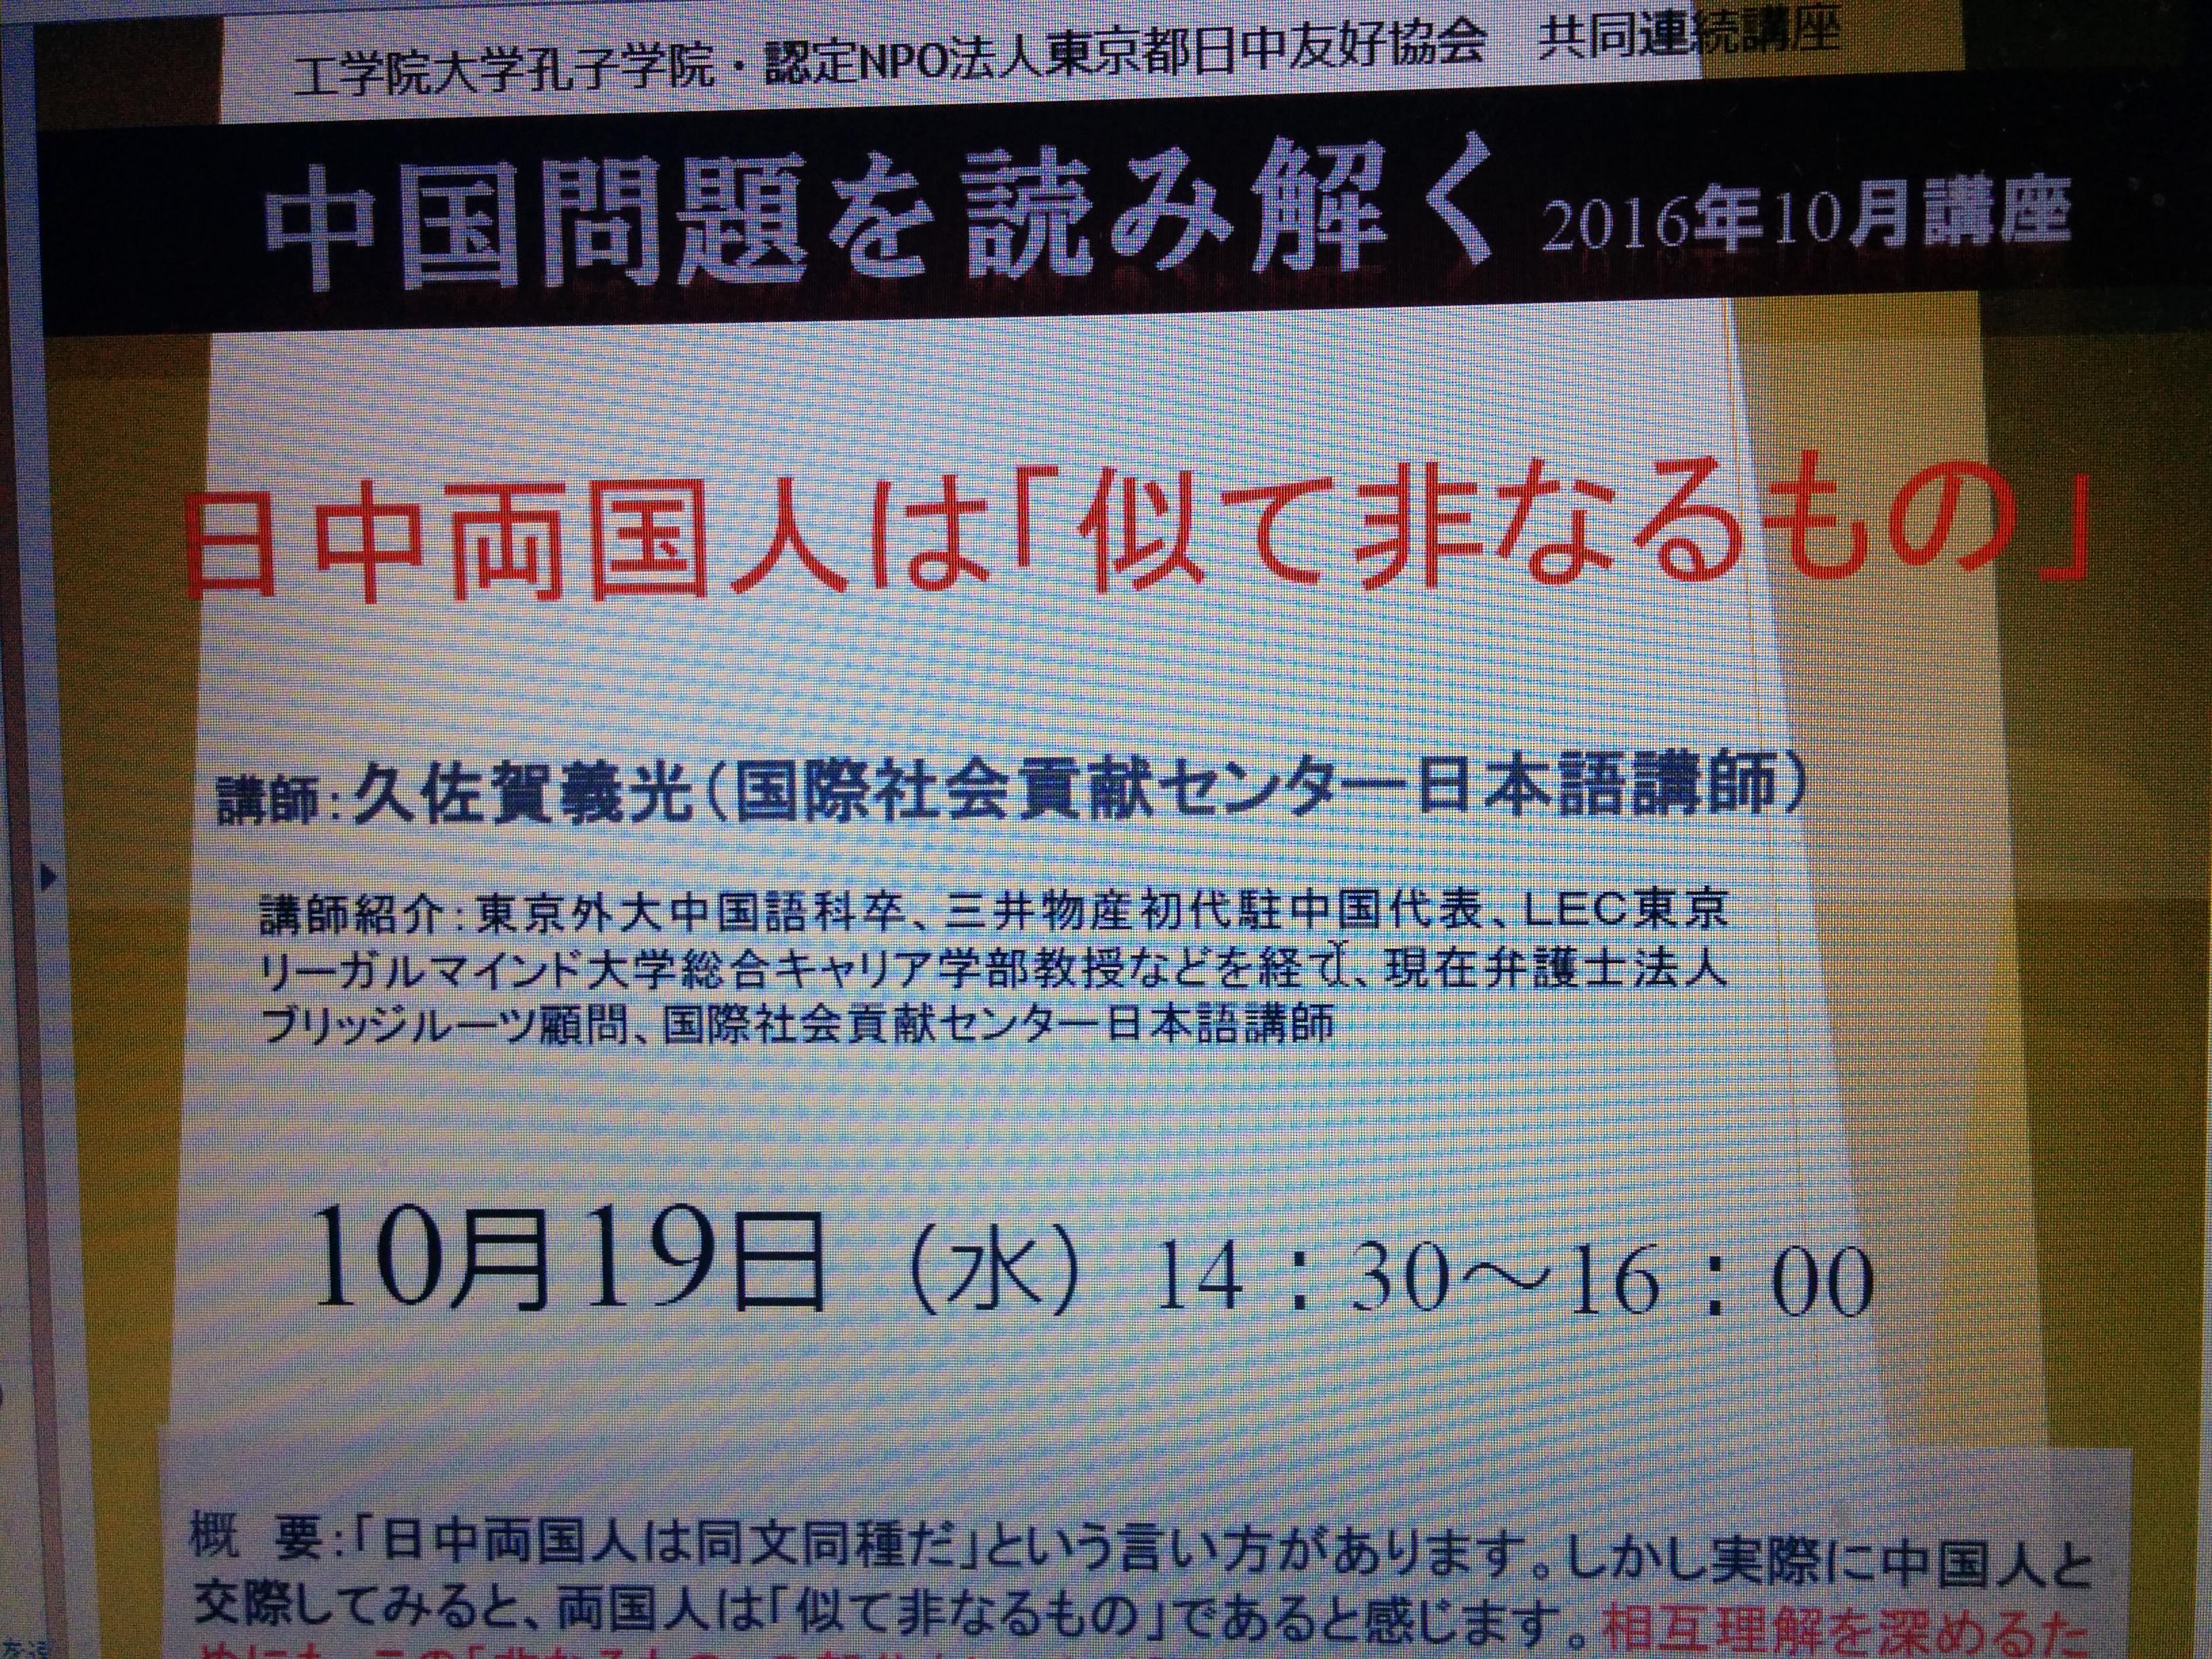 10月19日「中国問題を読み解く」講座